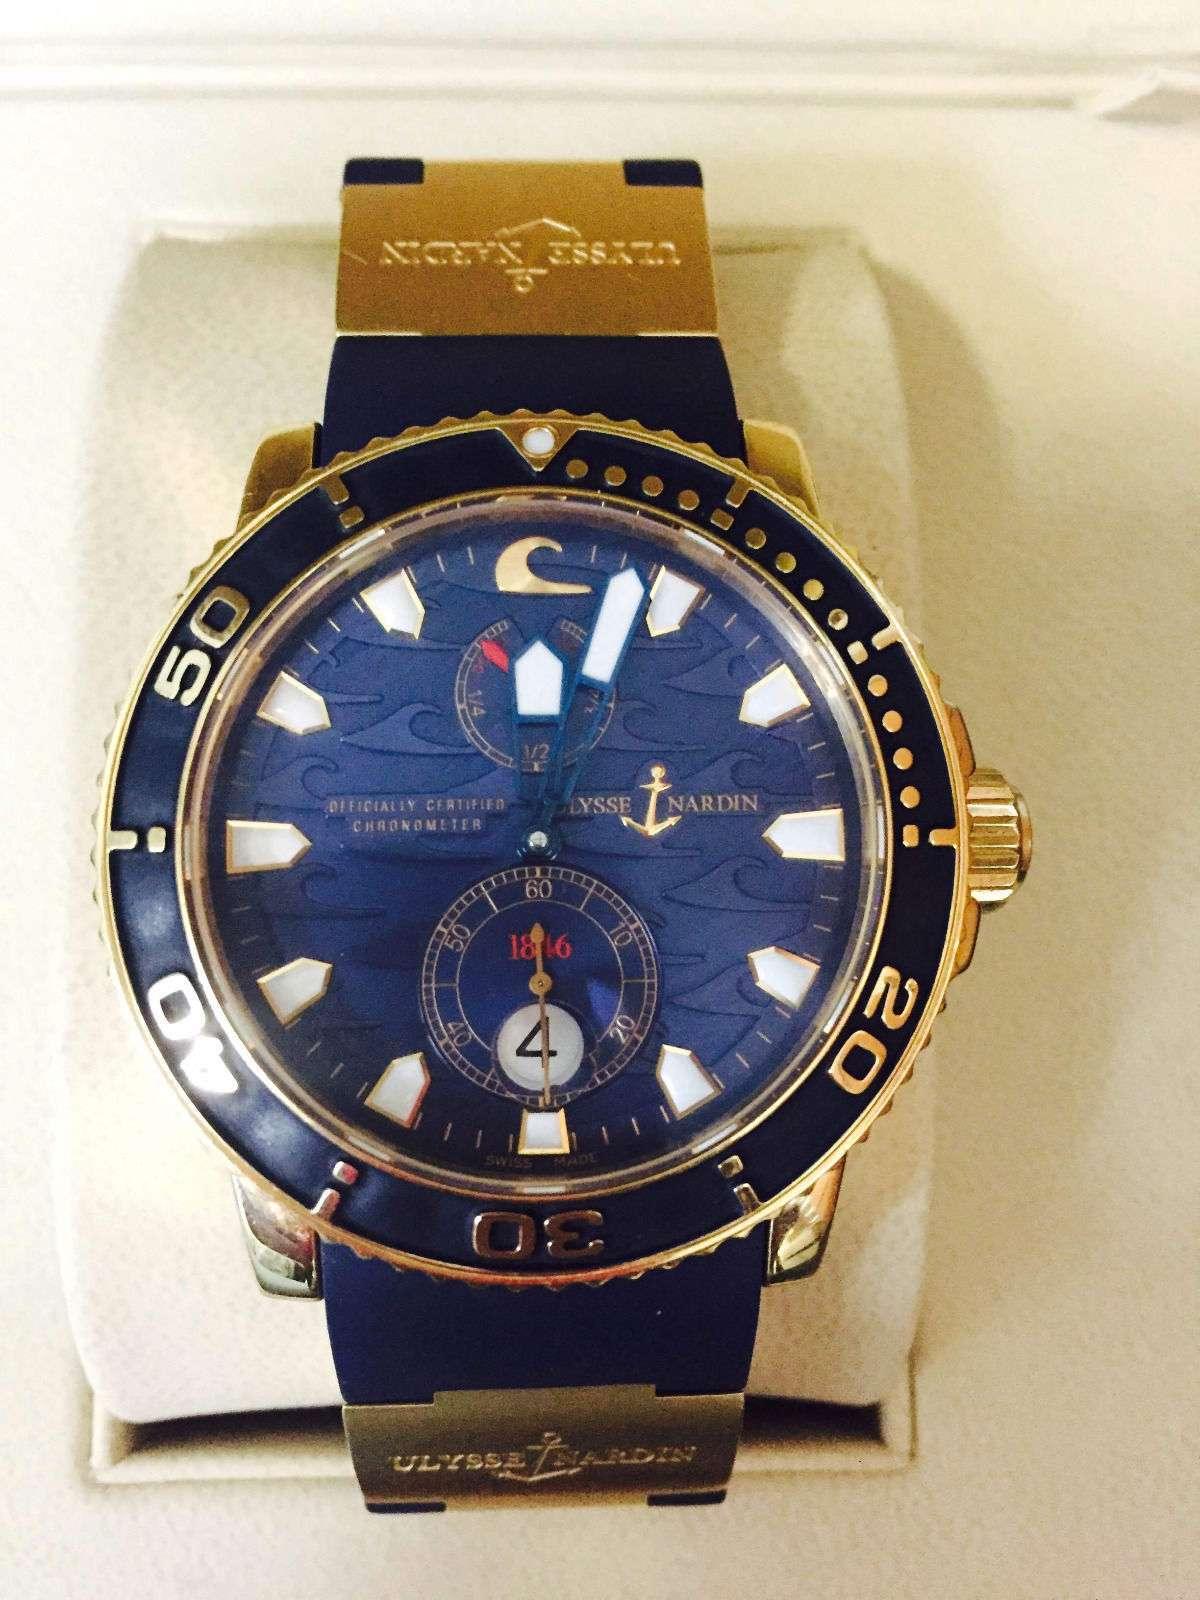 Ulysse Nardin BLUE SURF ROSE GOLD MAXI MARINE DIVER 266-36LE-3A